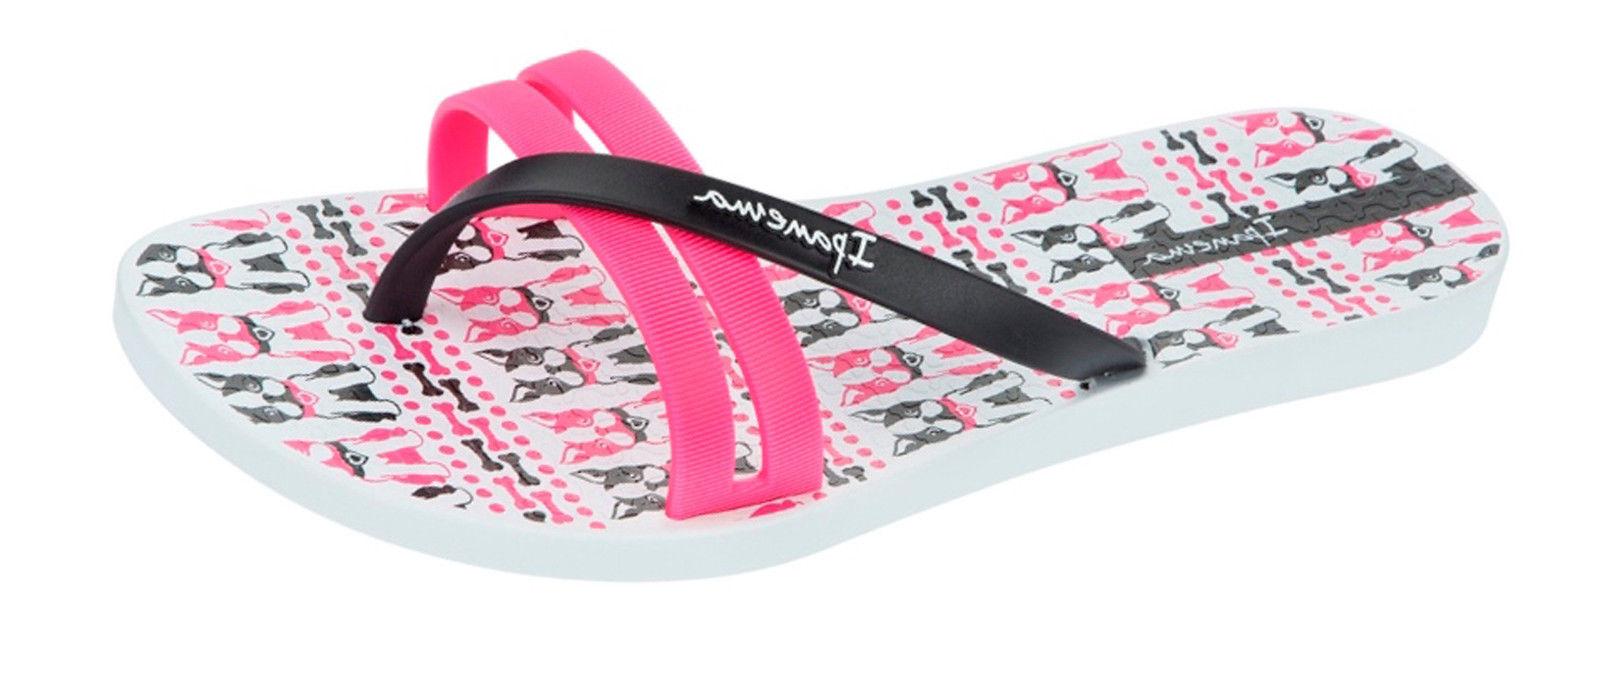 IPANEMA FLIP PRINT FEM shoes sandals womens FLIP flops platform sandals shoes slippers clogs c8dfea